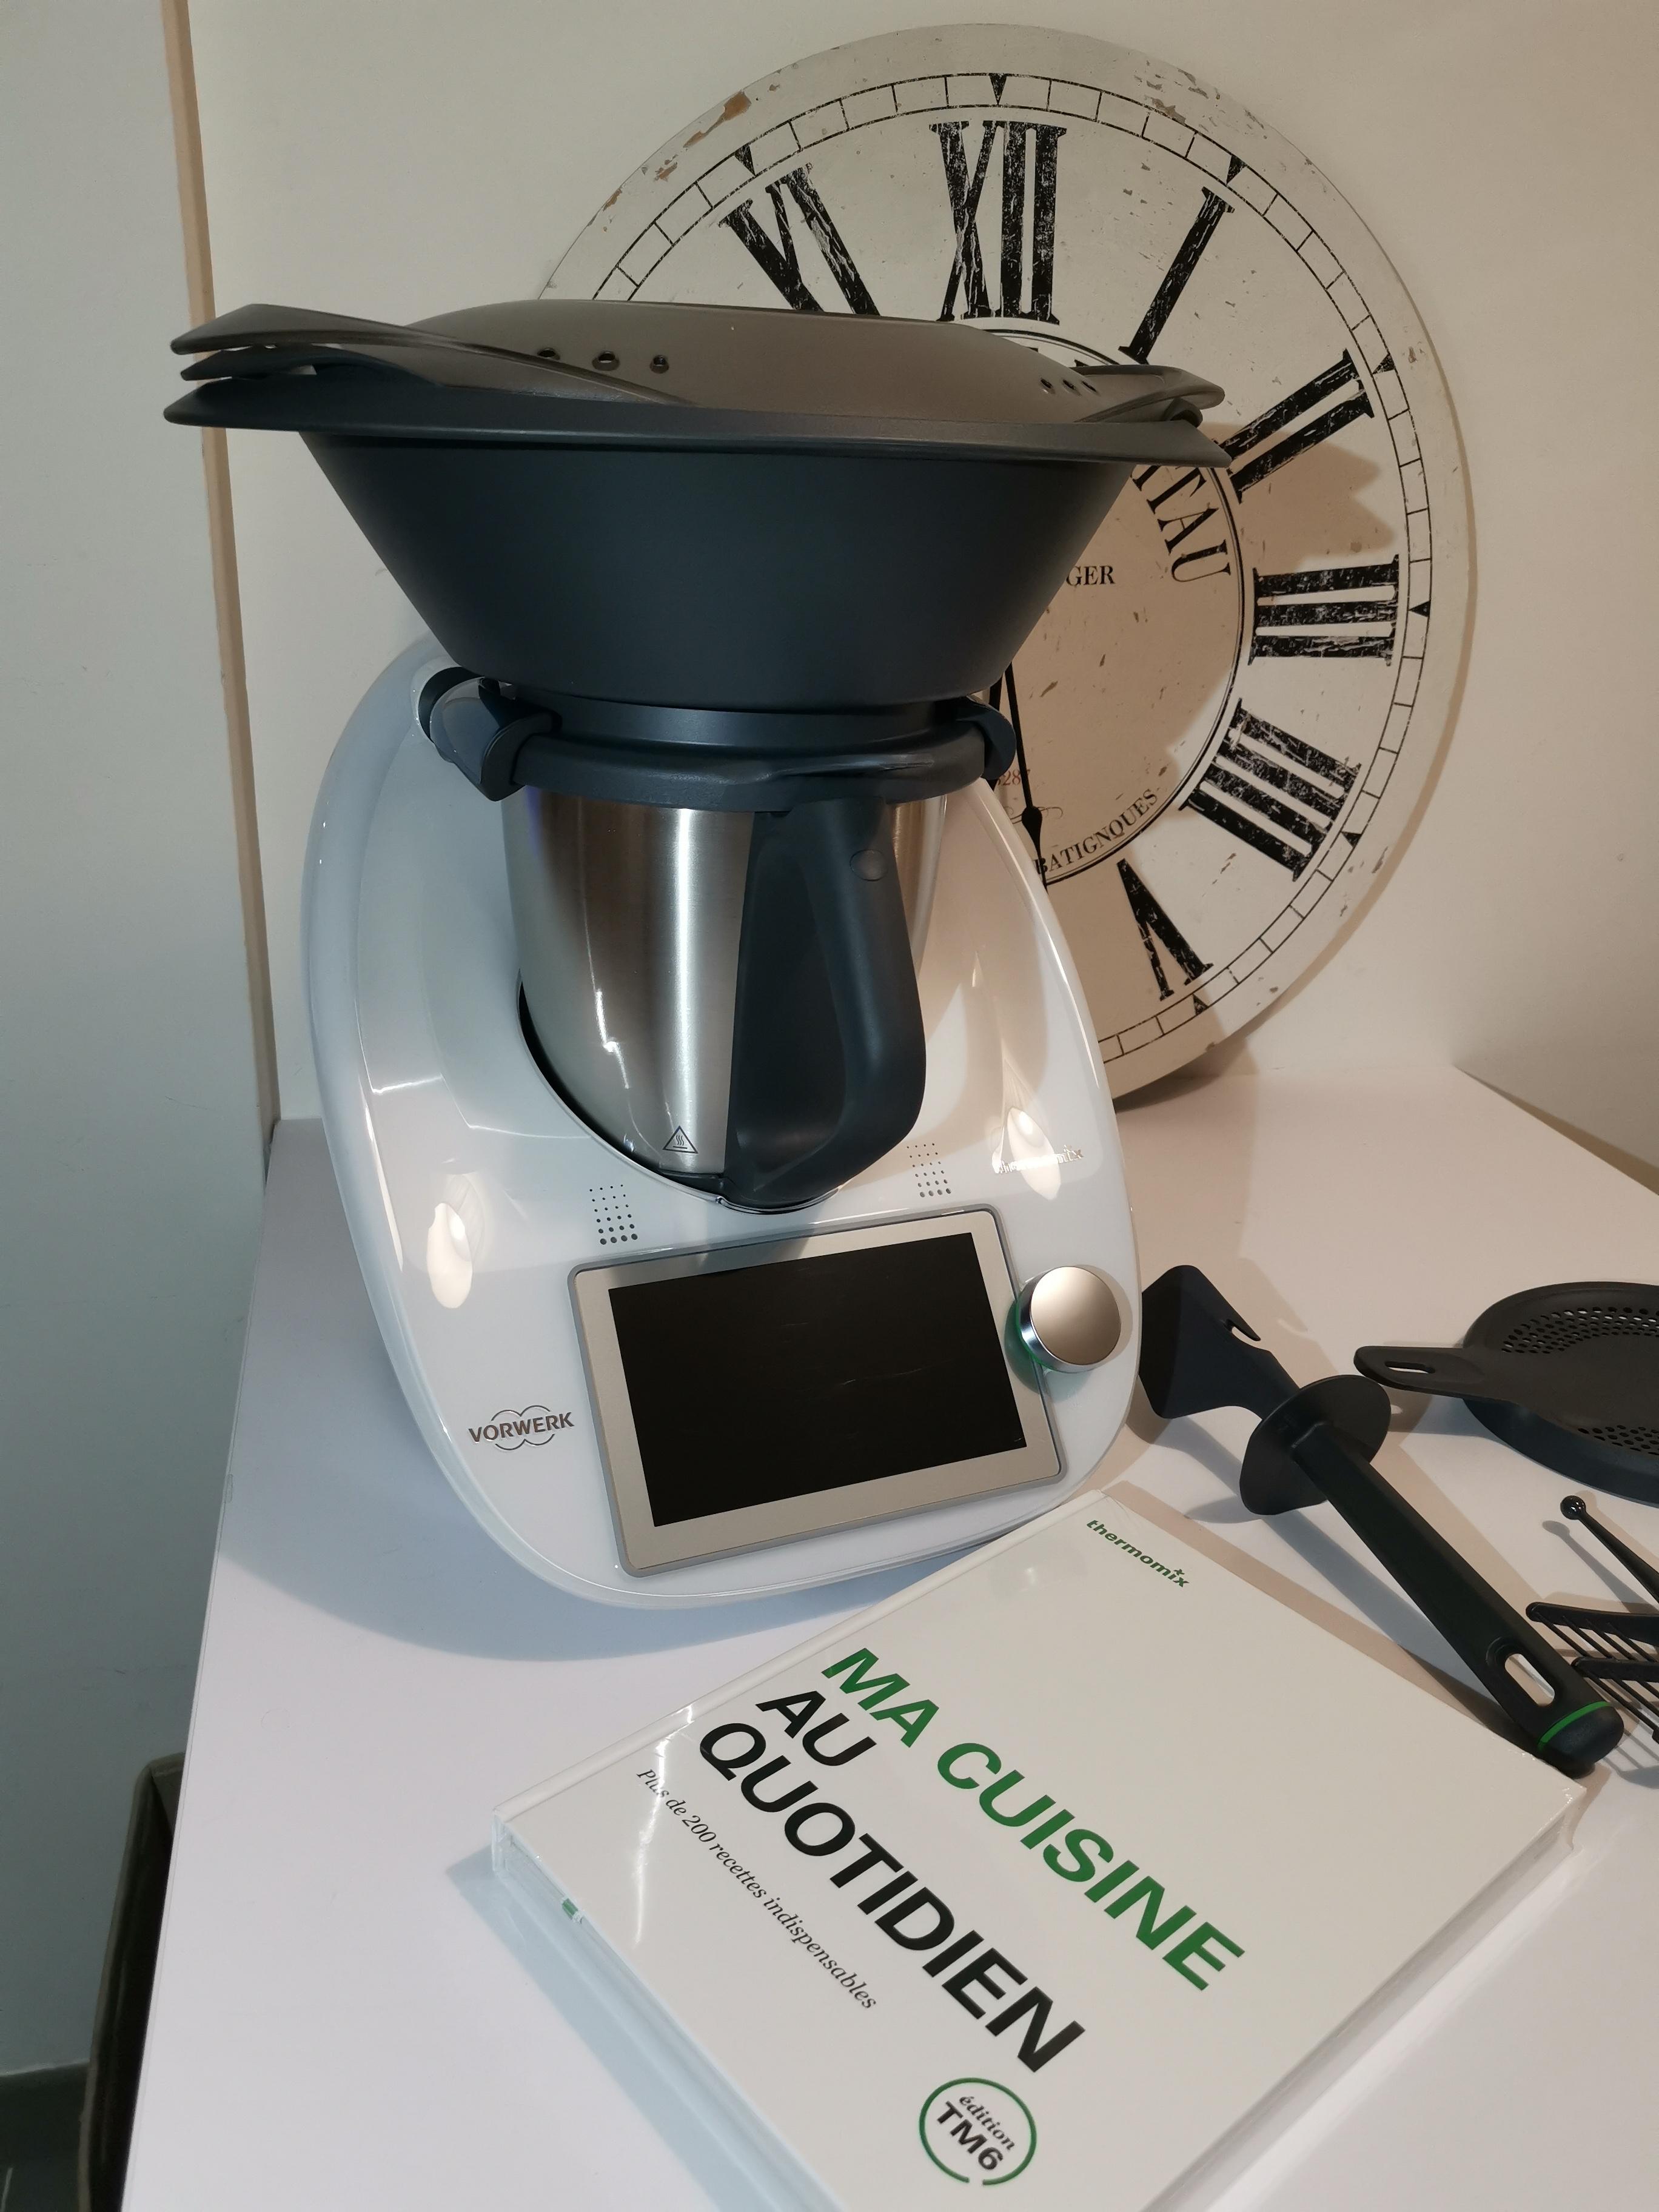 Thermomix Cuisiner Pour 6 Et Plus thermomix tm6 - unboxing | infonovice.fr